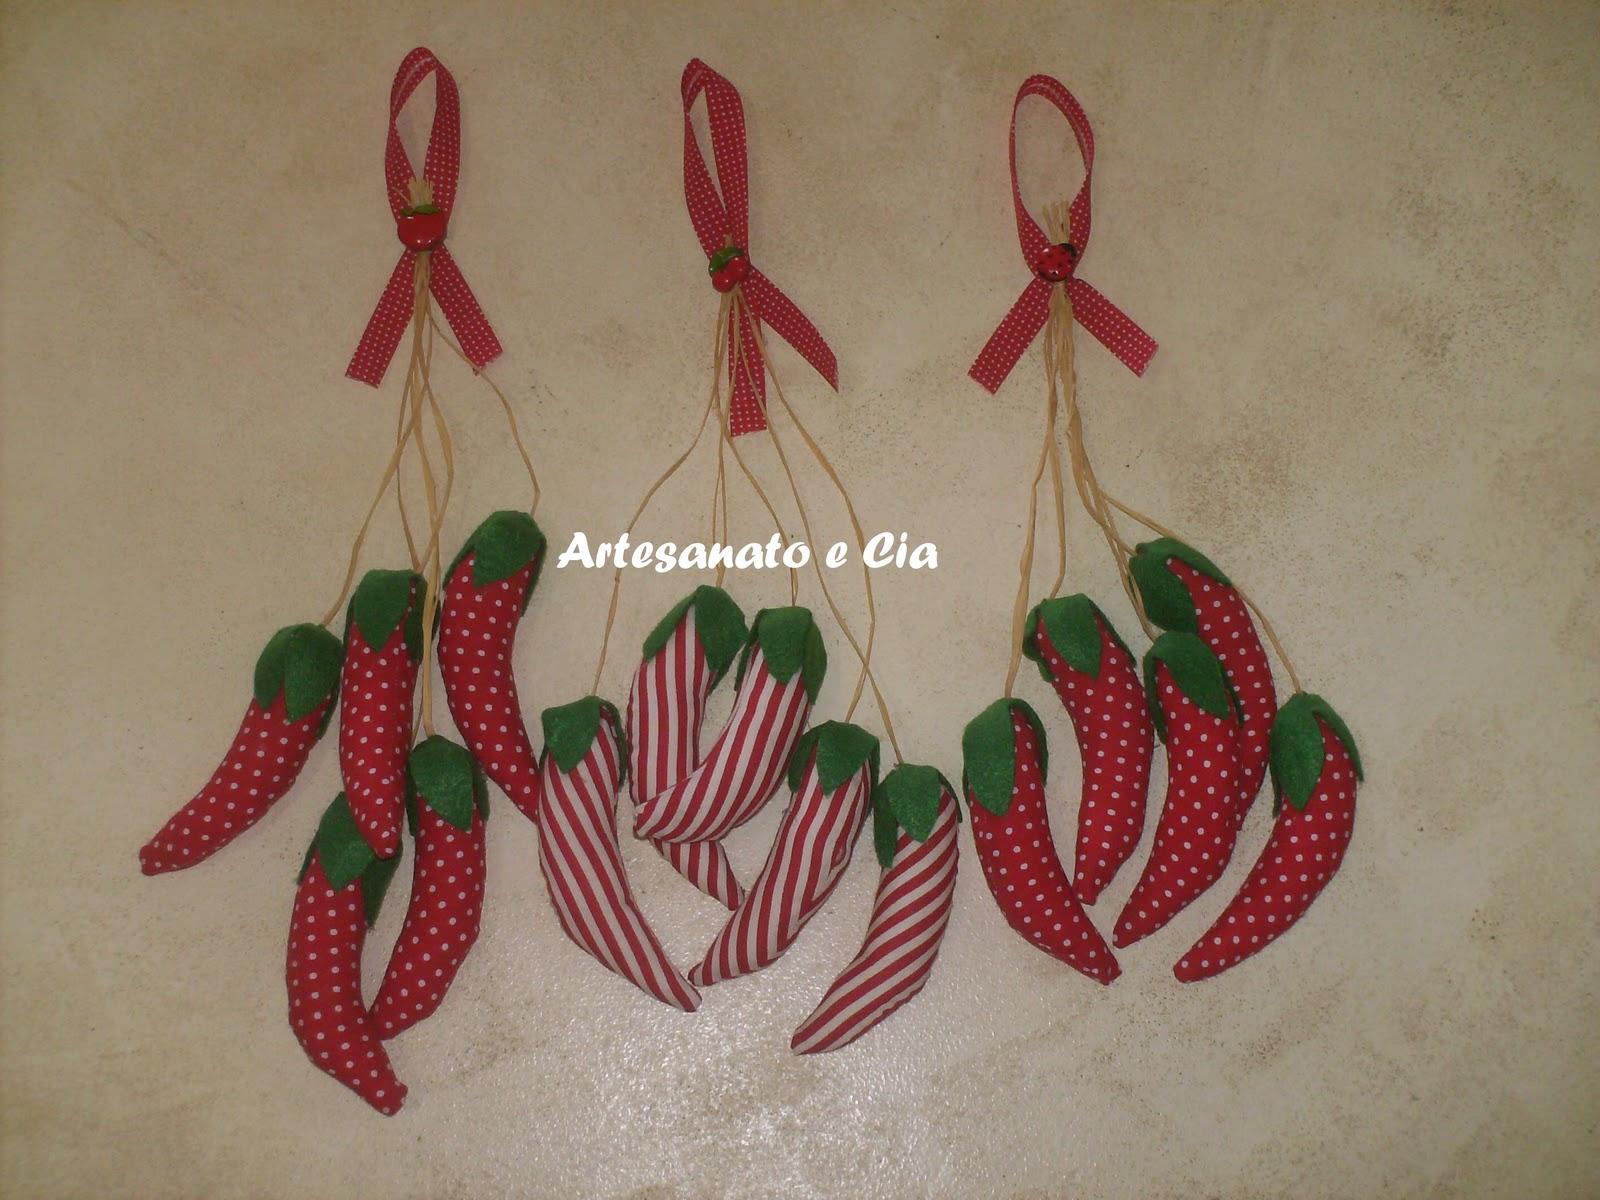 Adesivo Tema Festa Junina ~ Artesanato e Cia Pimentas em tecido ou feltro (penquinhas) molde